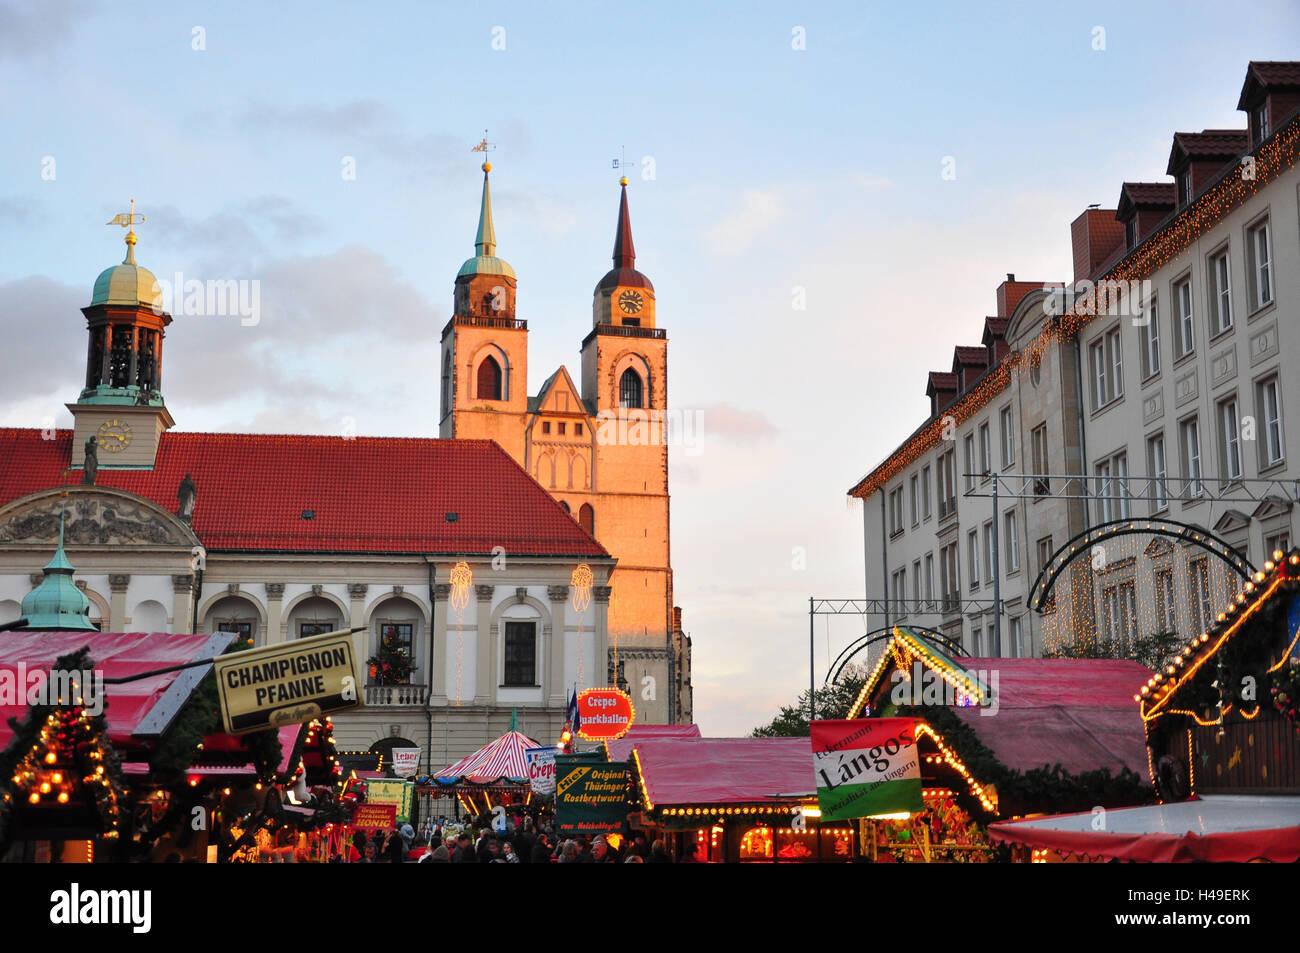 Magdeburg Weihnachtsmarkt öffnungszeiten.Deutschland Sachsen Anhalt Magdeburg Weihnachtsmarkt Altes